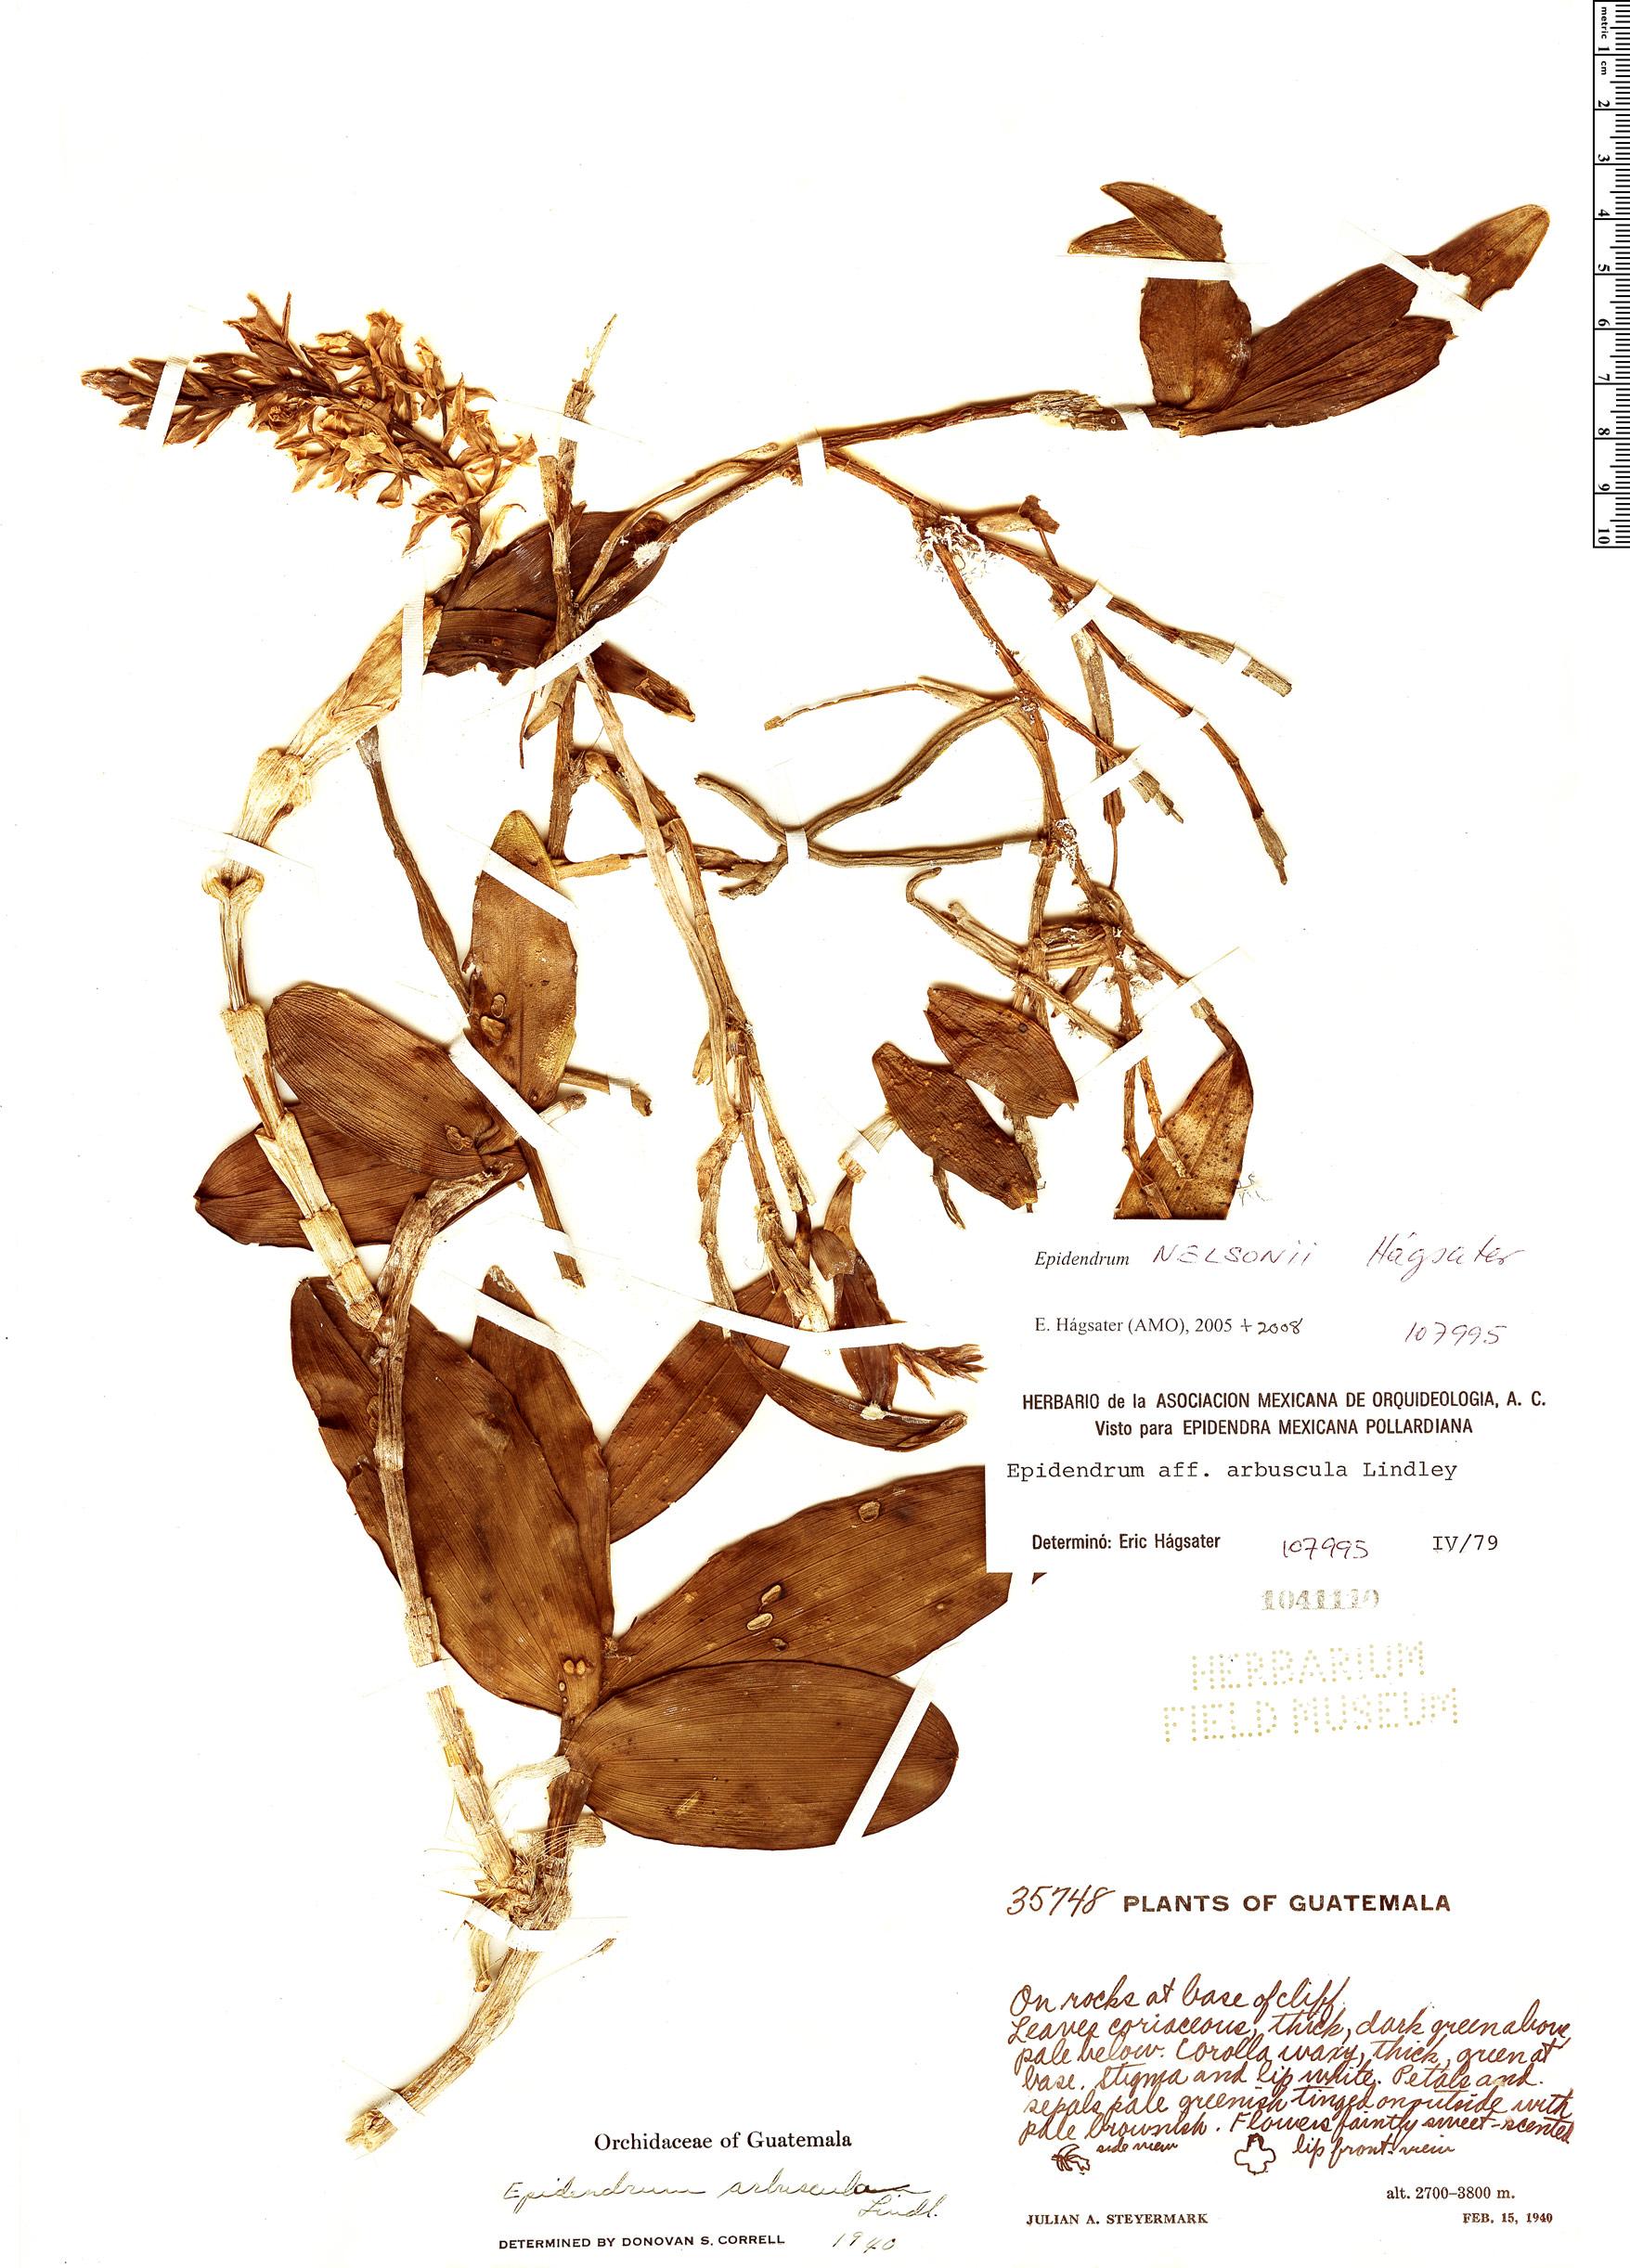 Specimen: Epidendrum nelsonii